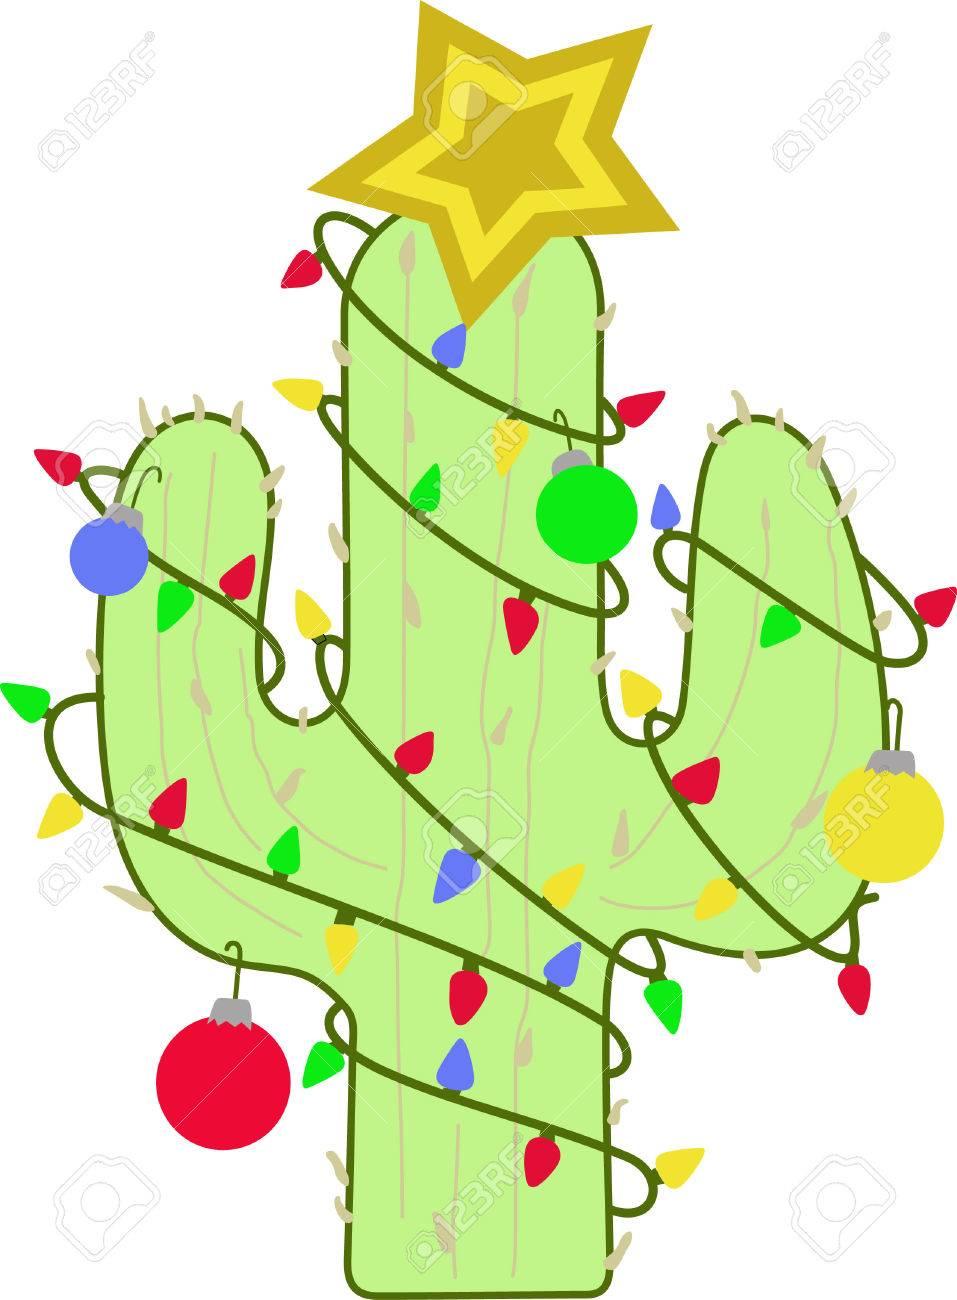 Begriffe Weihnachten.Stock Photo